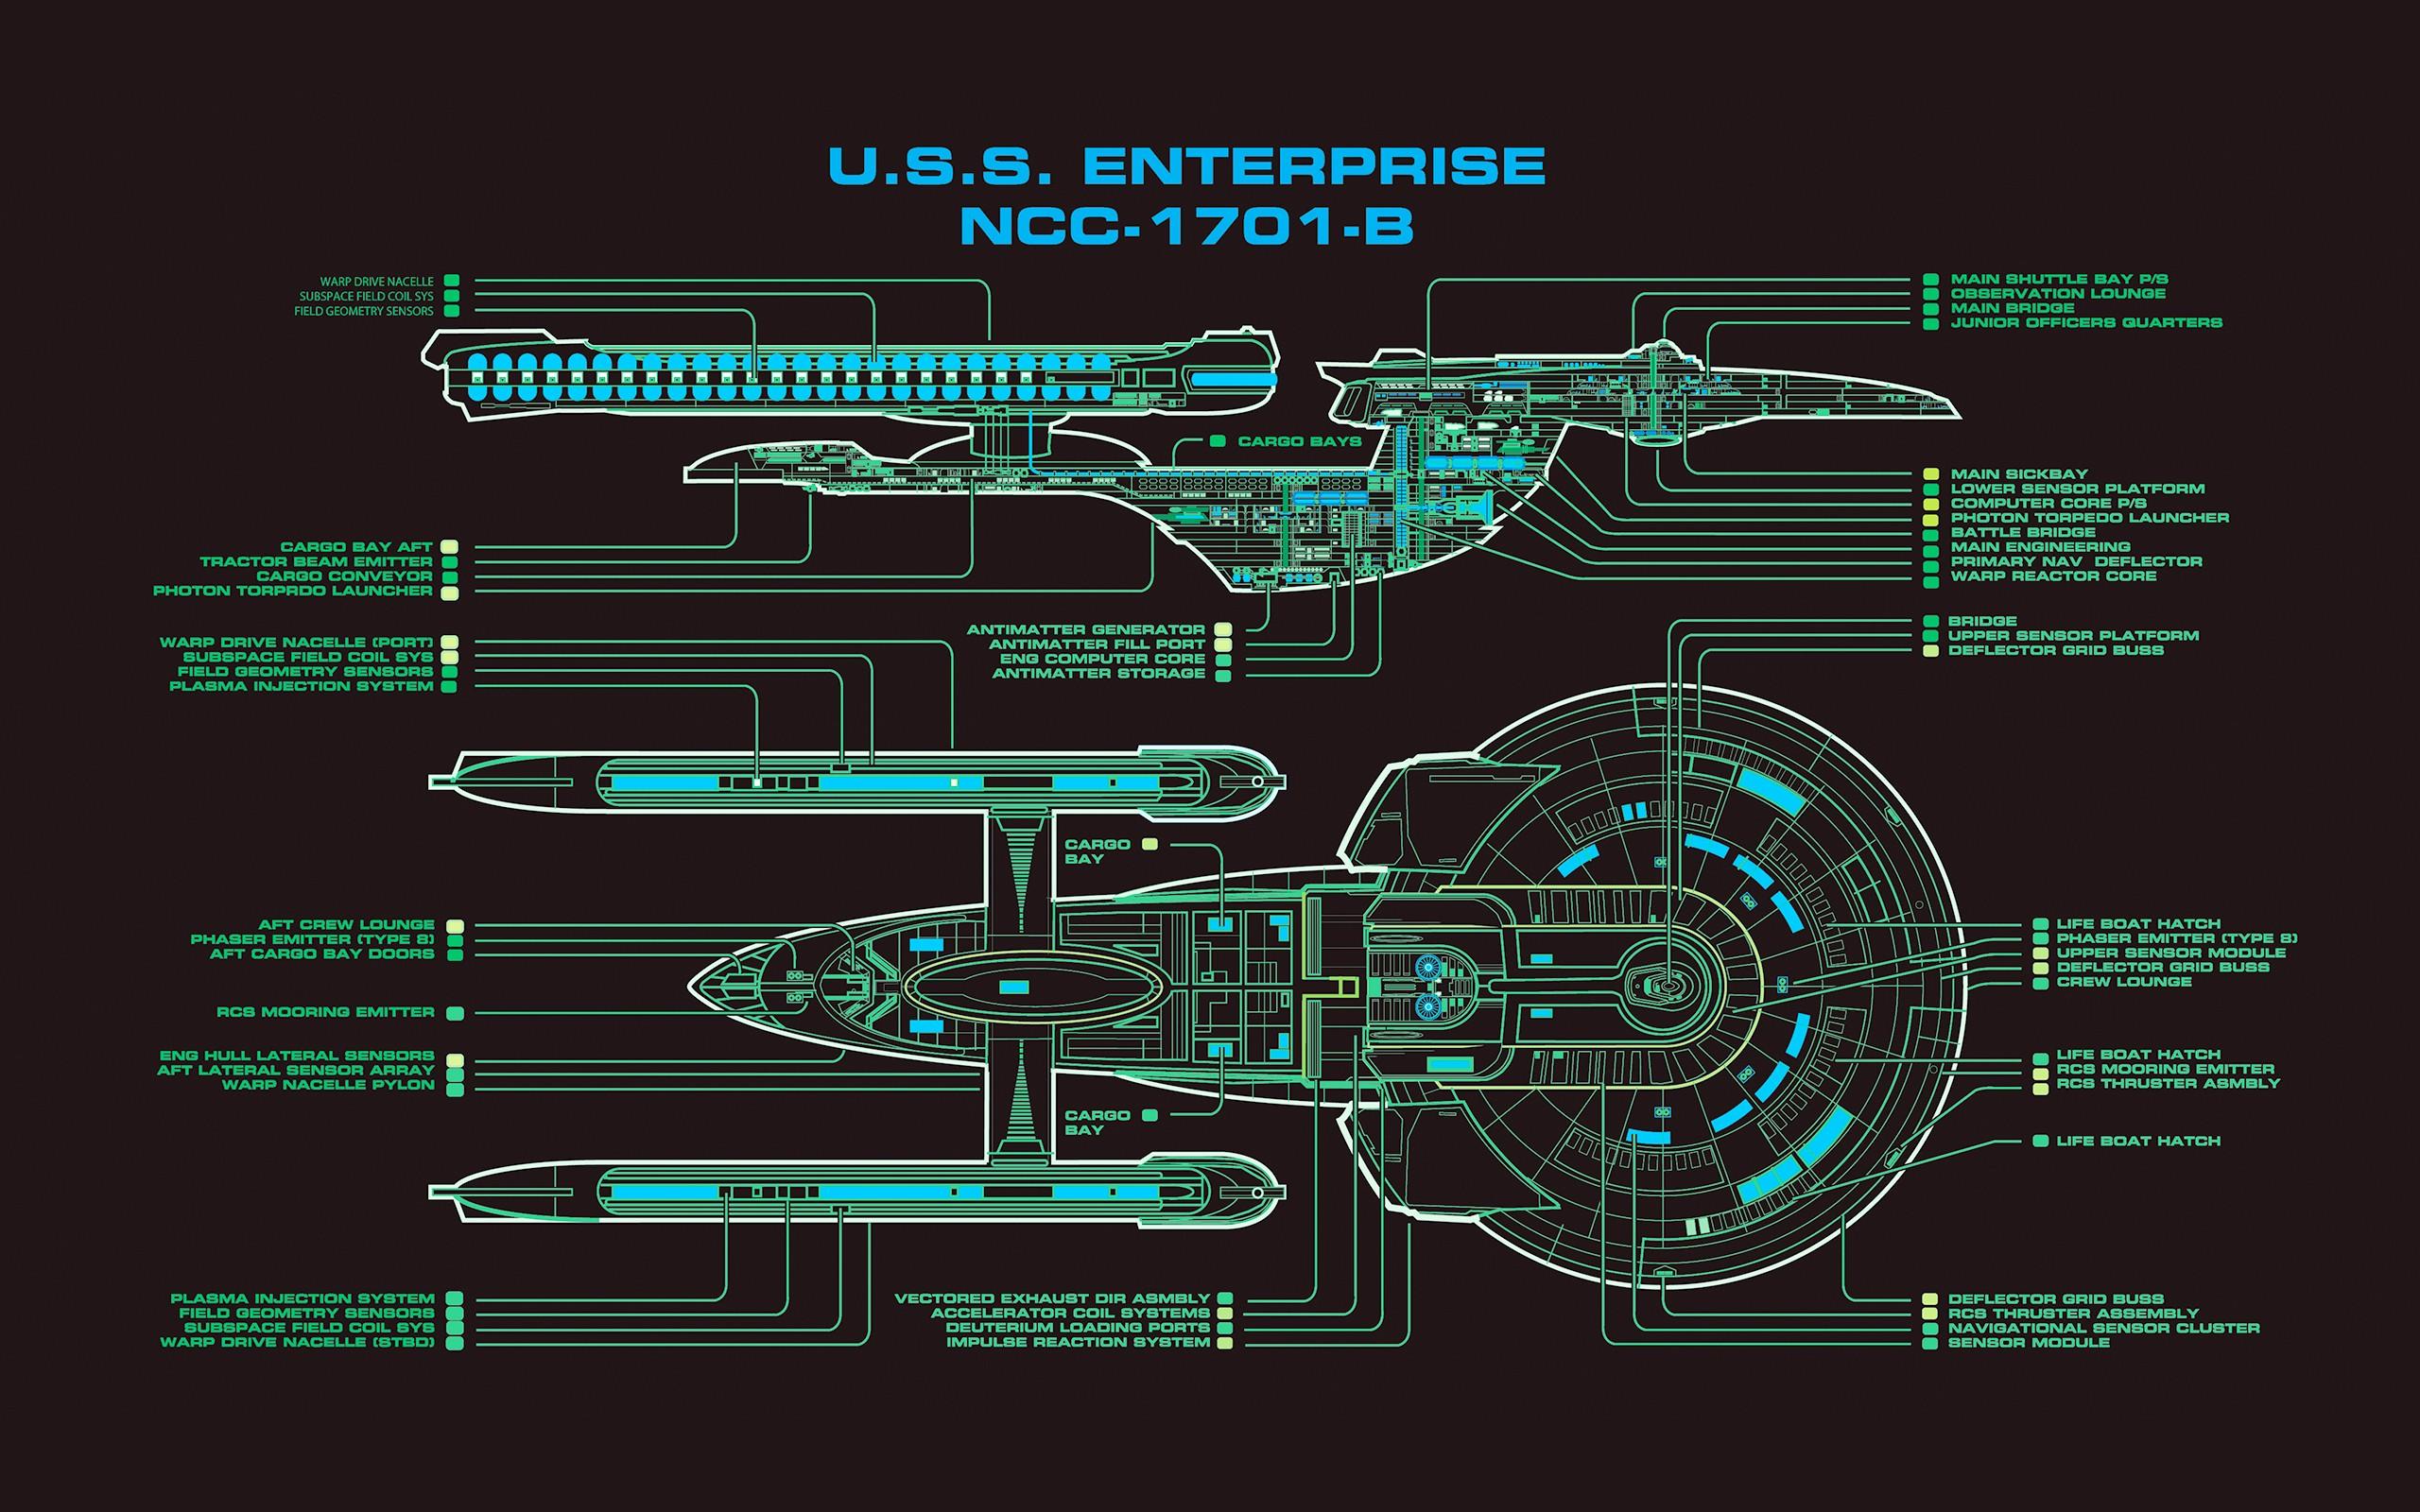 uss enterprise diagram 2006 cobalt alternator wiring wallpaper illustration weapon star trek schematic spaceship design font